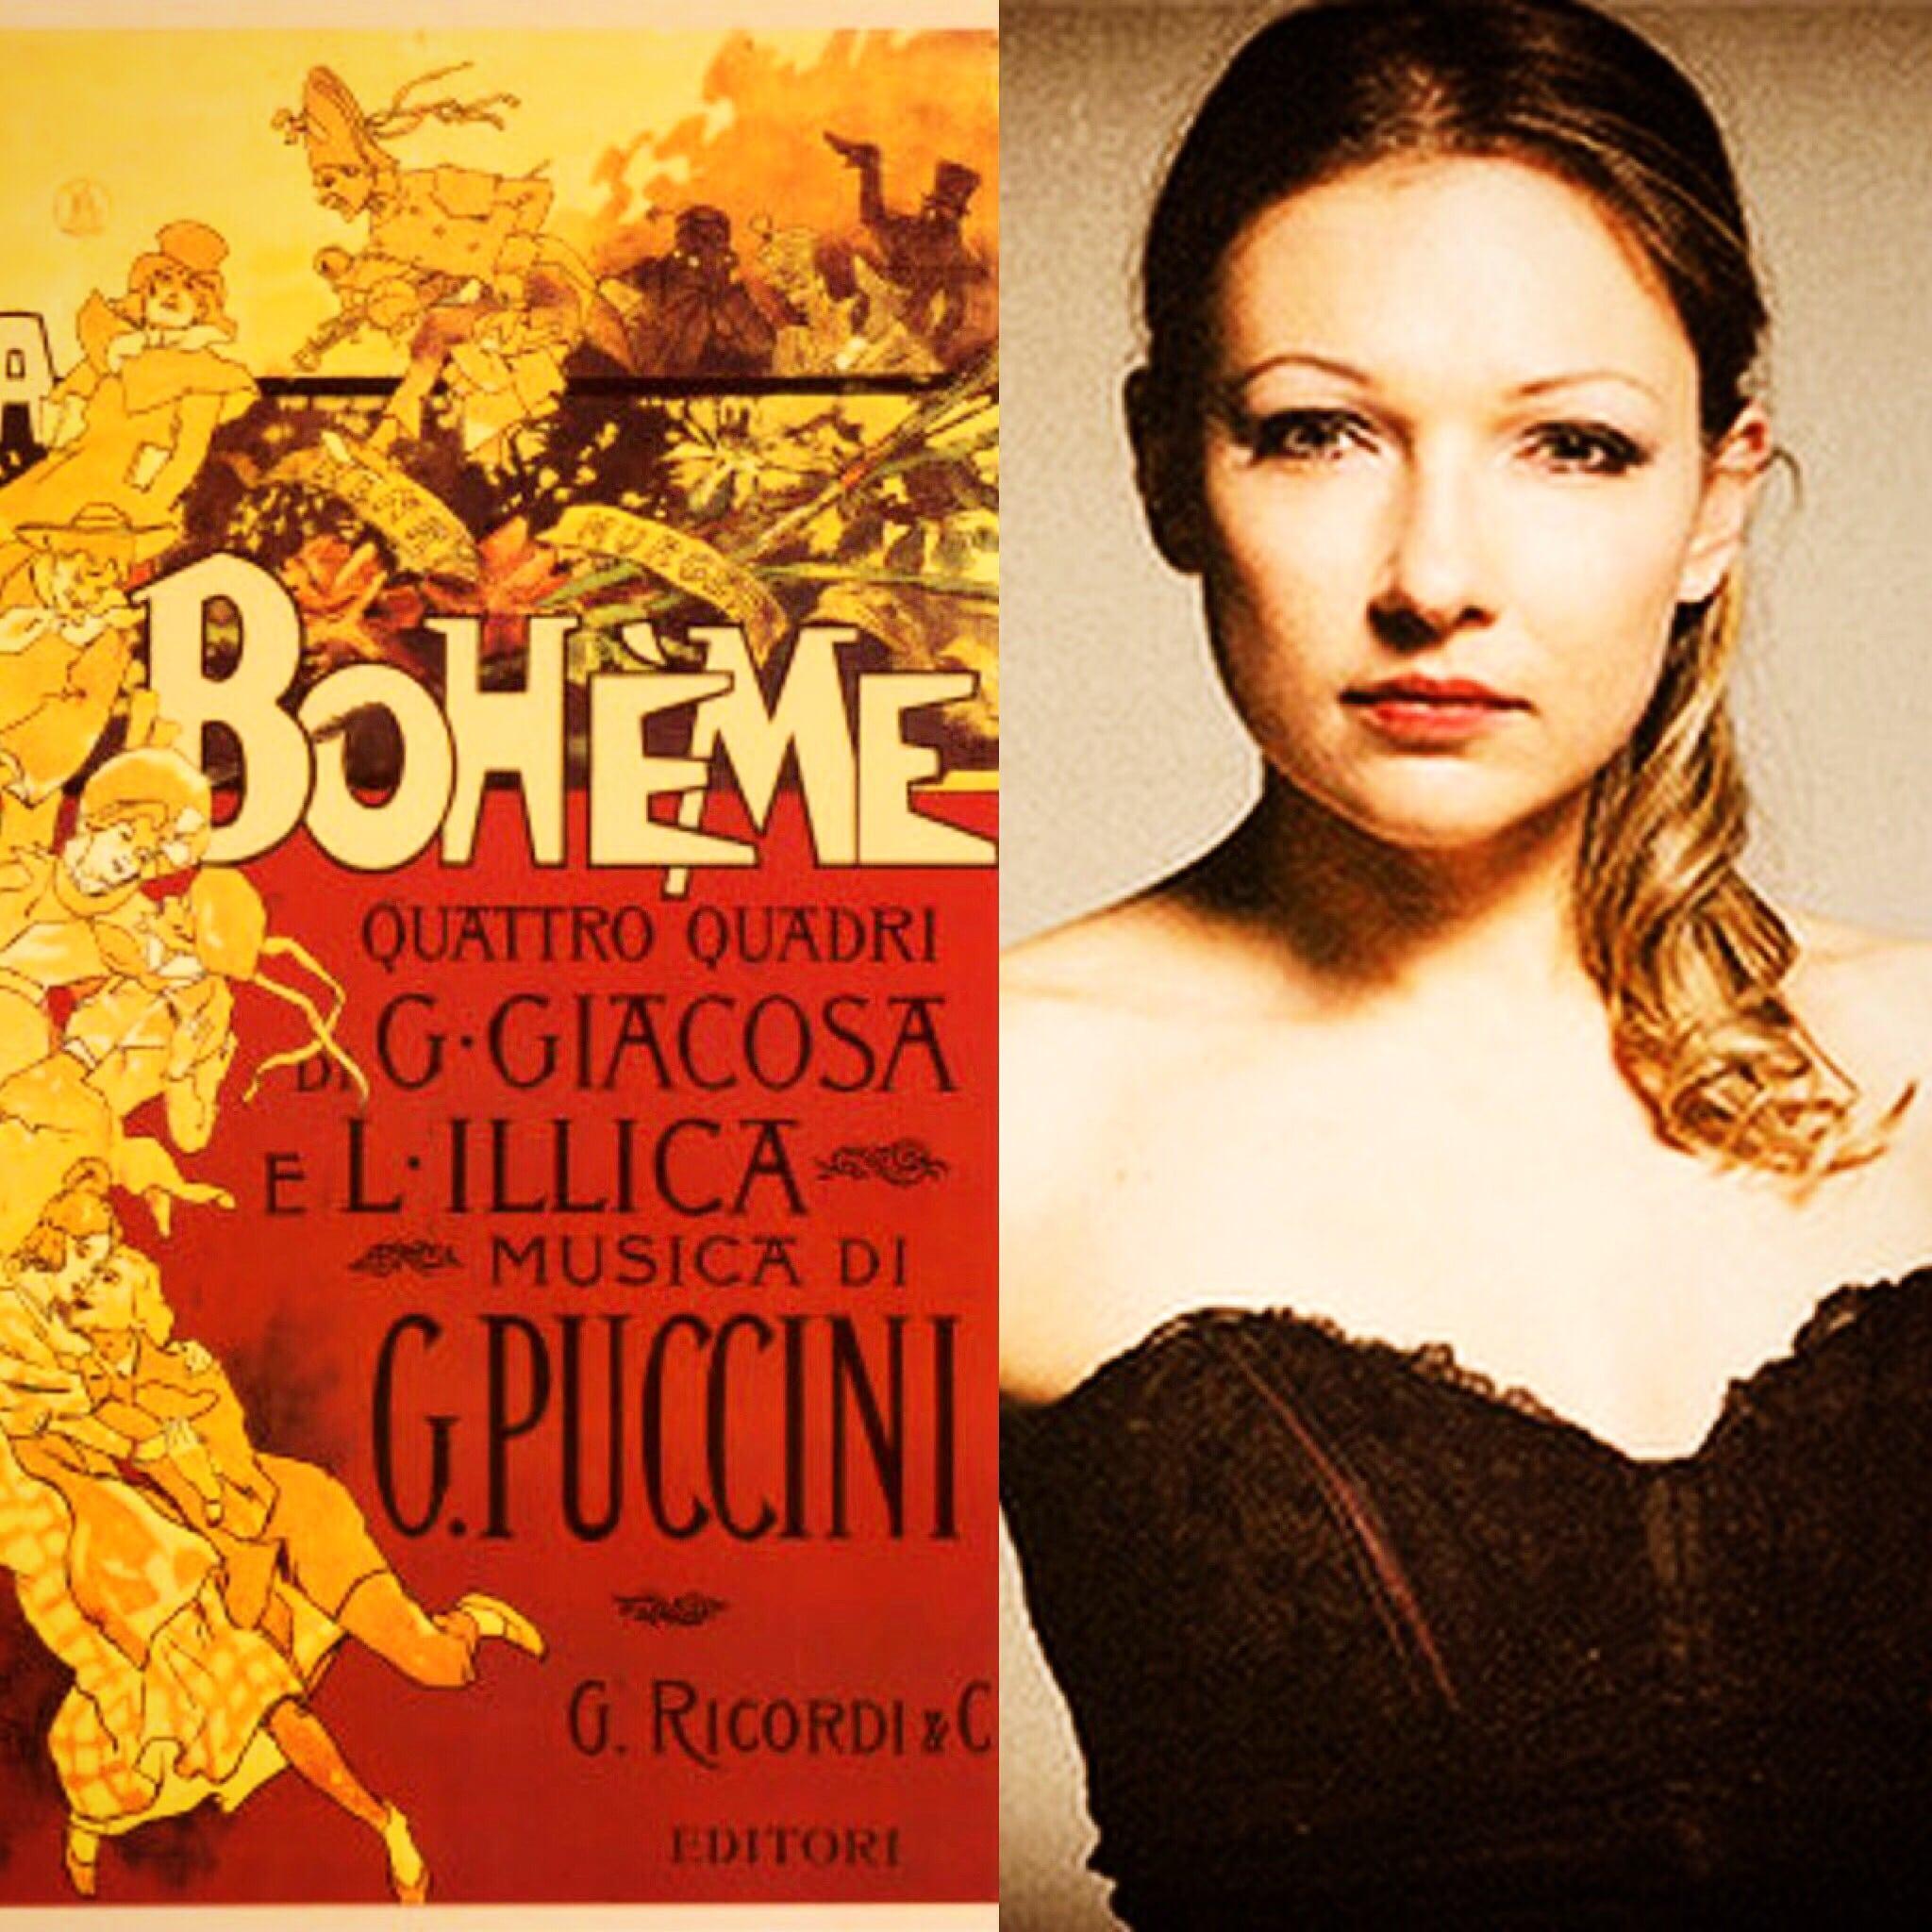 Boheme – Musetta